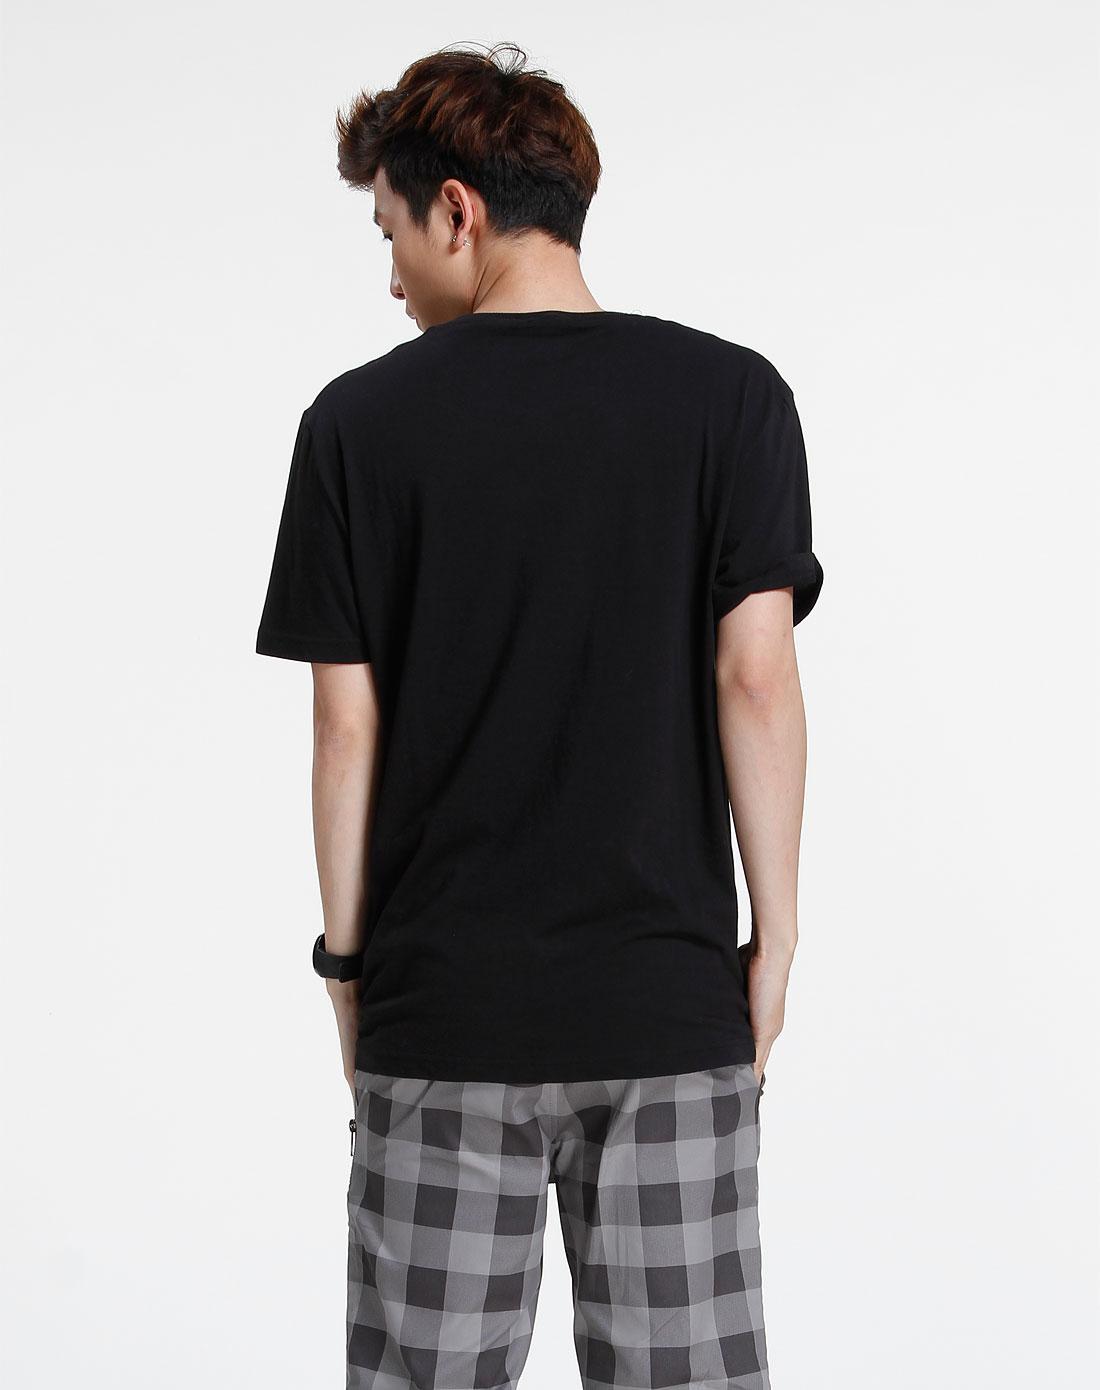 森马-男装黑色休闲印花短袖t恤002151541-900图片